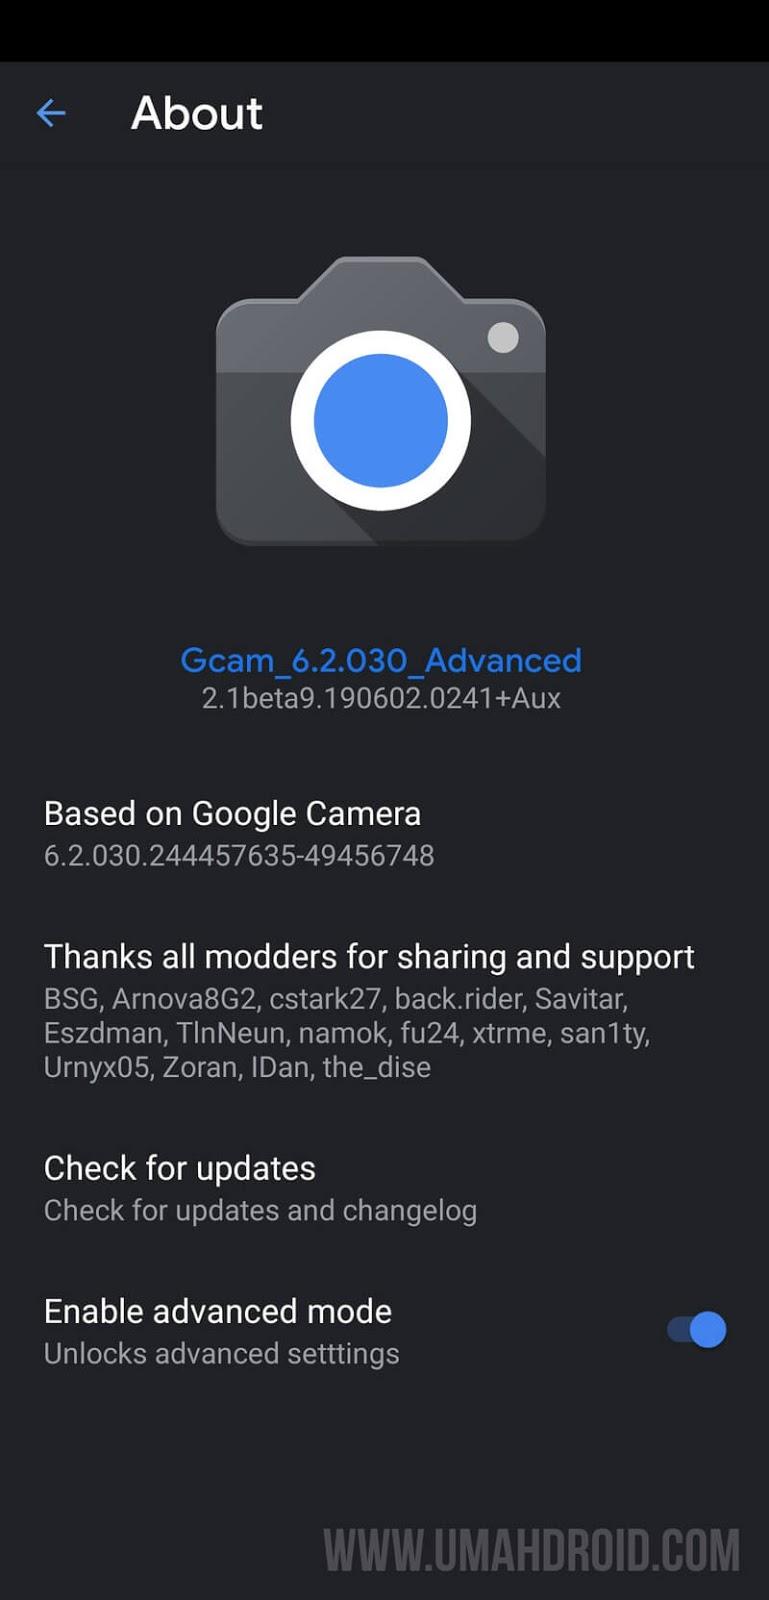 Download Gcam Apk Mod untuk Asus Zenfone 5 ZE620KL - Umahdroid